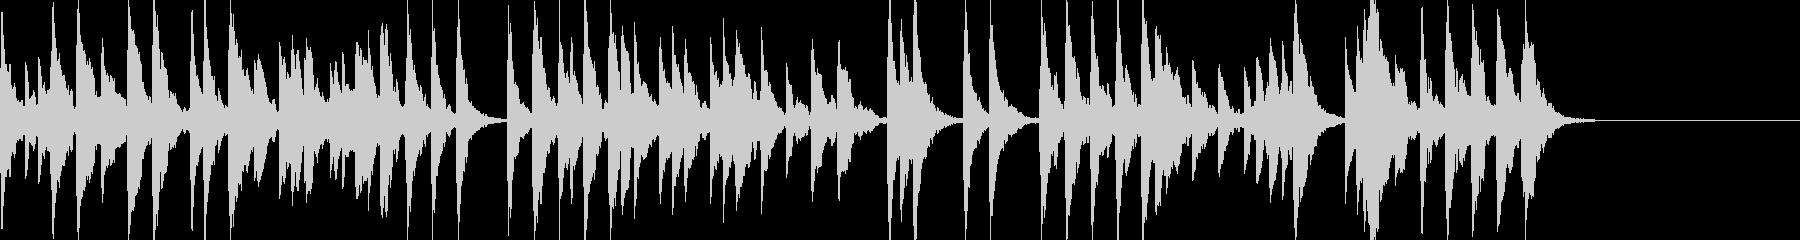 「スカボローフェア」オルゴールbpm76の未再生の波形